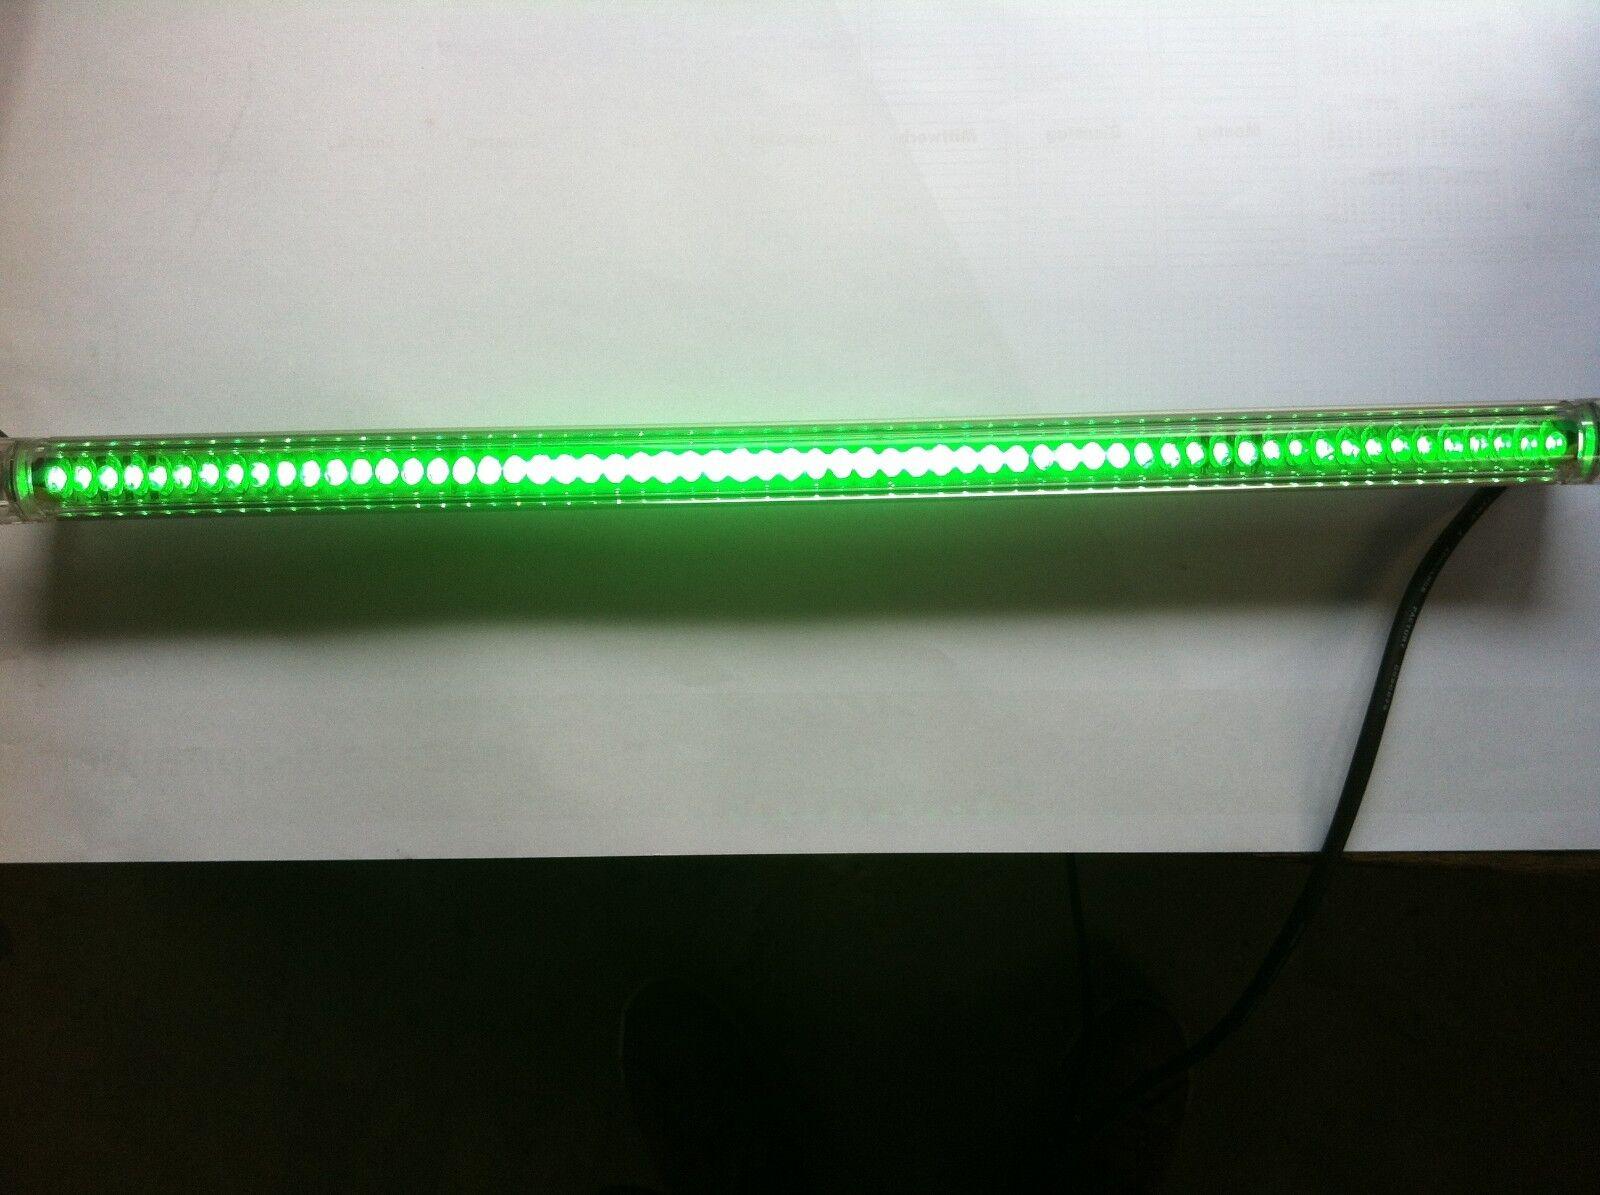 Aluminio LED barra de luz 50cm verde ip65 24v, iluminación